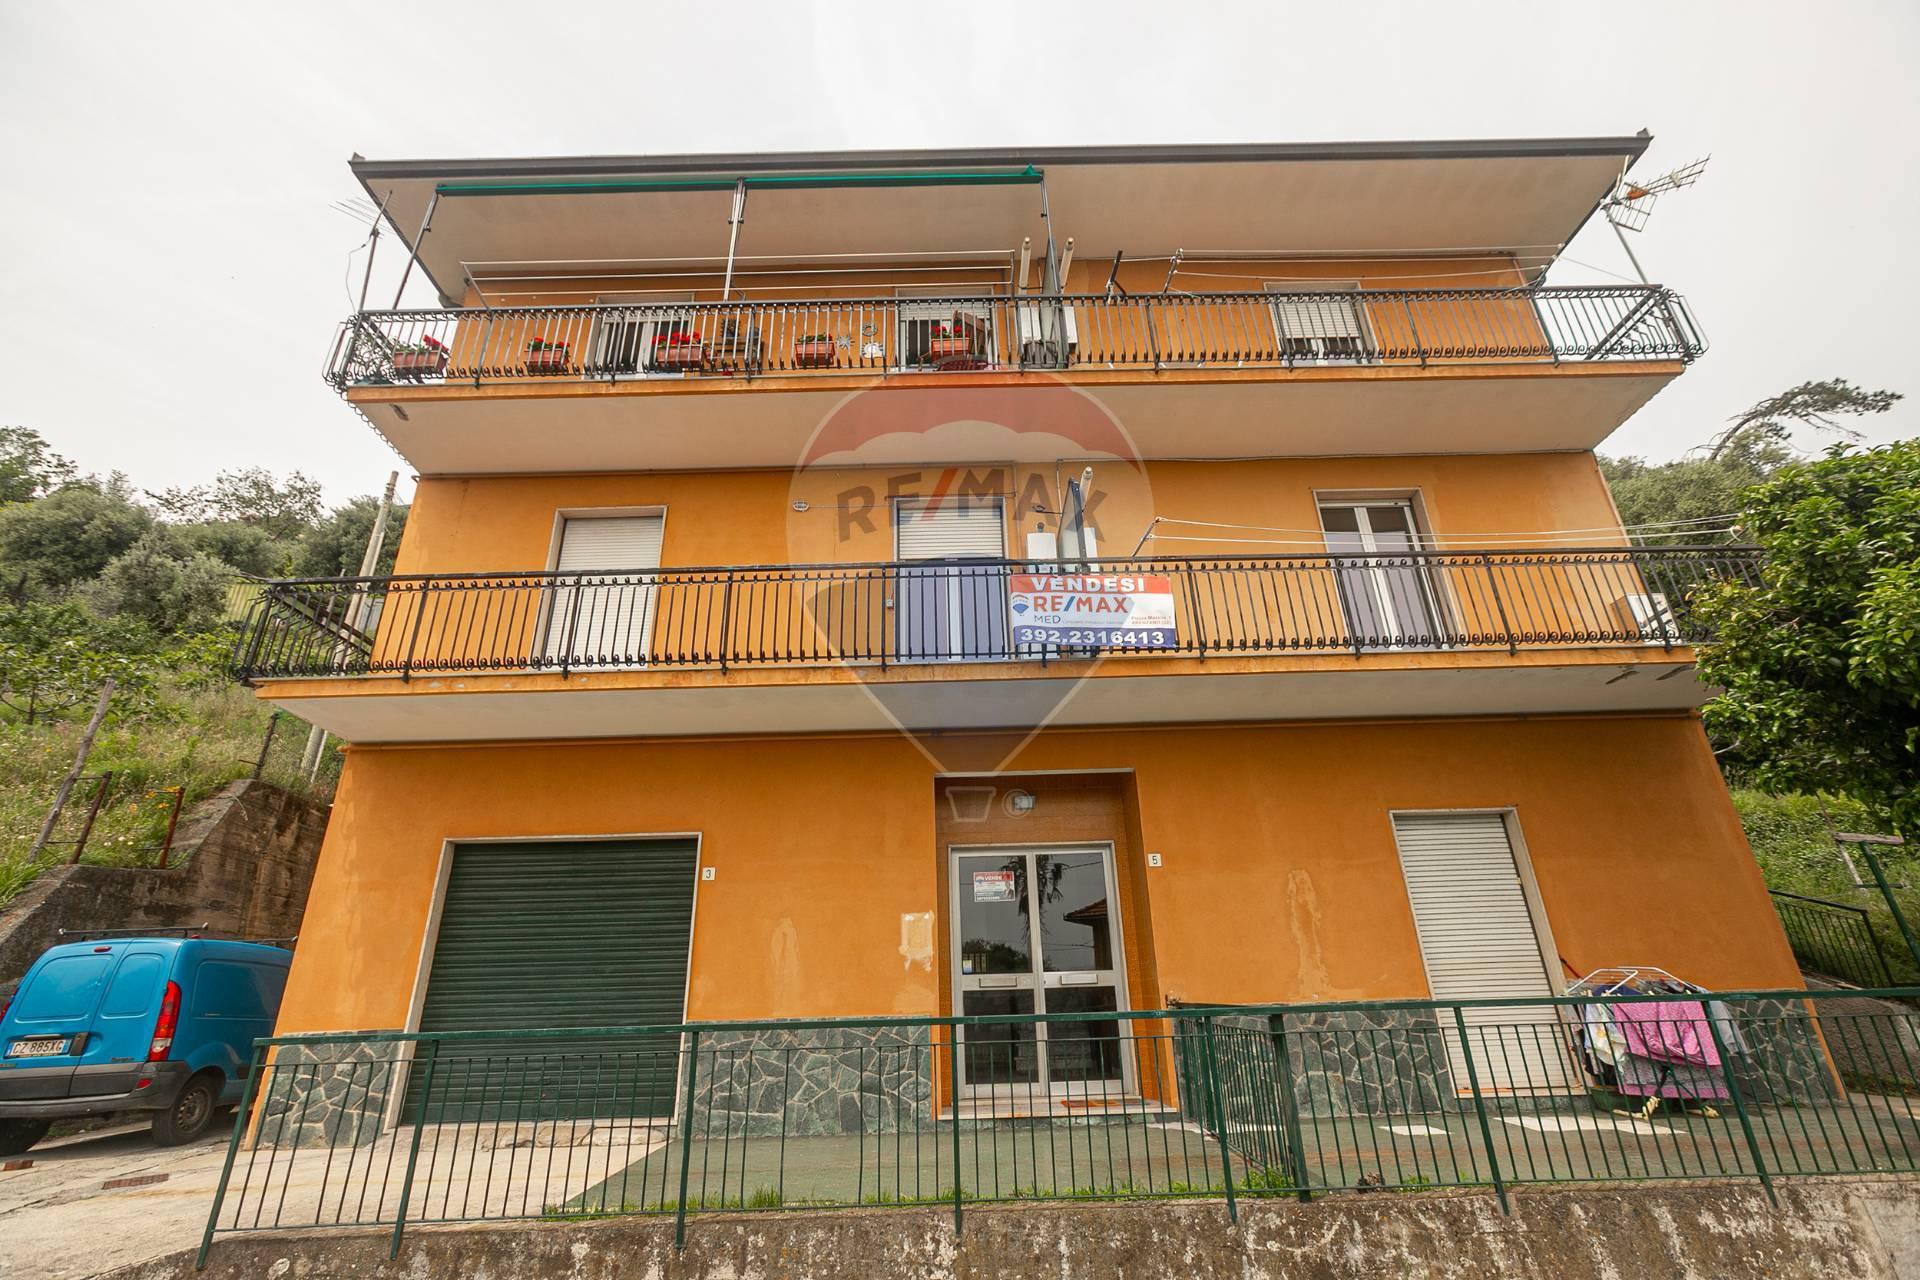 Appartamento in vendita a Cogoleto, 3 locali, zona Zona: Sciarborasca, prezzo € 149.000 | CambioCasa.it